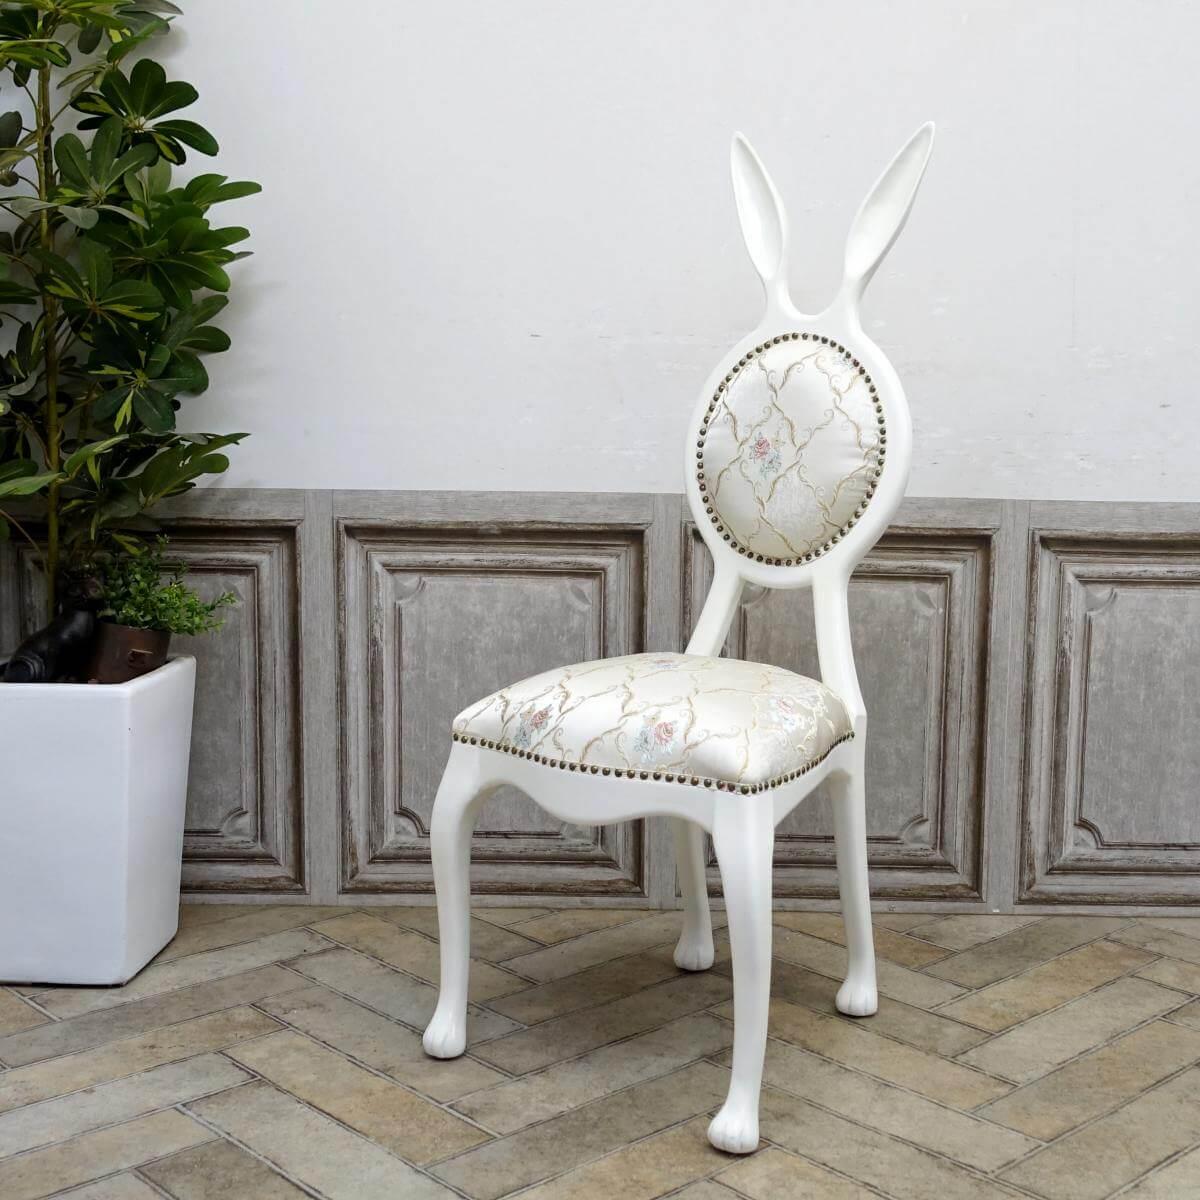 ウサギの形をしたアンティーク調の椅子「ラビットチェア(Rabbit Chair)」